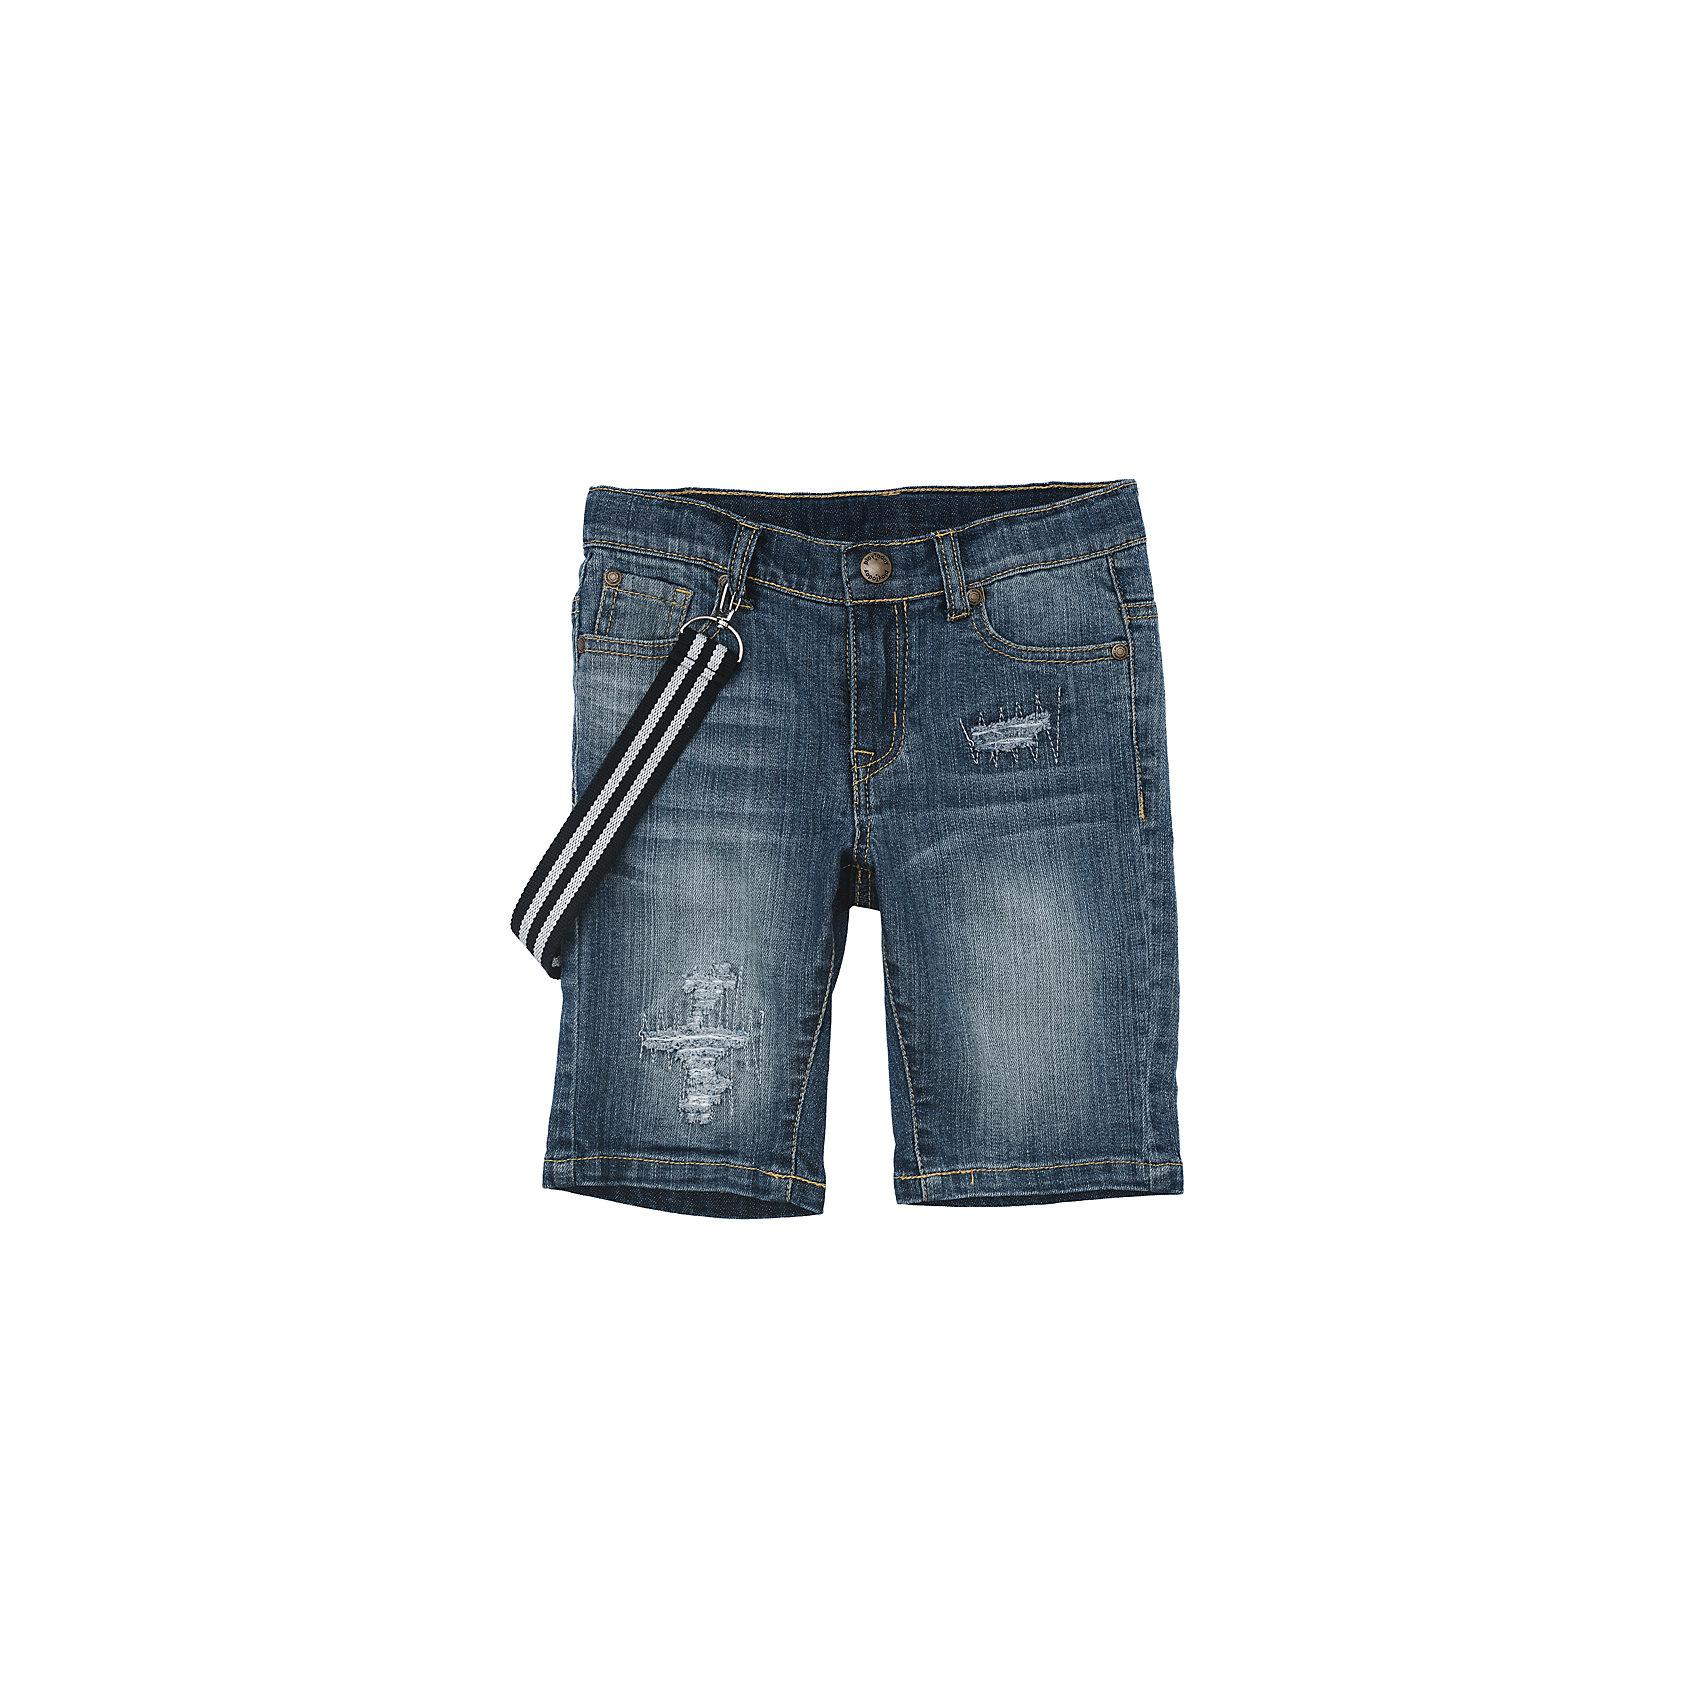 Шорты джинсовые для мальчика PlayTodayШорты, бриджи, капри<br>Шорты джинсовые для мальчика PlayToday<br>Удлиненные шорты из натуральной джинсовой ткани с прорезями и эффектом потертости идеально подойдут для отдыха и прогулок.Модель со шлевками, при необходимости можно использовать ремень. В качестве декора предлагается стильный пояс на карабинахПреимущества: Свободный классический крой не сковывает движения ребенкаМодель со шлевками, при необходимости можно использовать ременьДекорированы стильным поясом на карабинах<br>Состав:<br>99% хлопок, 1% эластан<br><br>Ширина мм: 191<br>Глубина мм: 10<br>Высота мм: 175<br>Вес г: 273<br>Цвет: синий<br>Возраст от месяцев: 84<br>Возраст до месяцев: 96<br>Пол: Мужской<br>Возраст: Детский<br>Размер: 128,98,104,110,116,122<br>SKU: 5403389